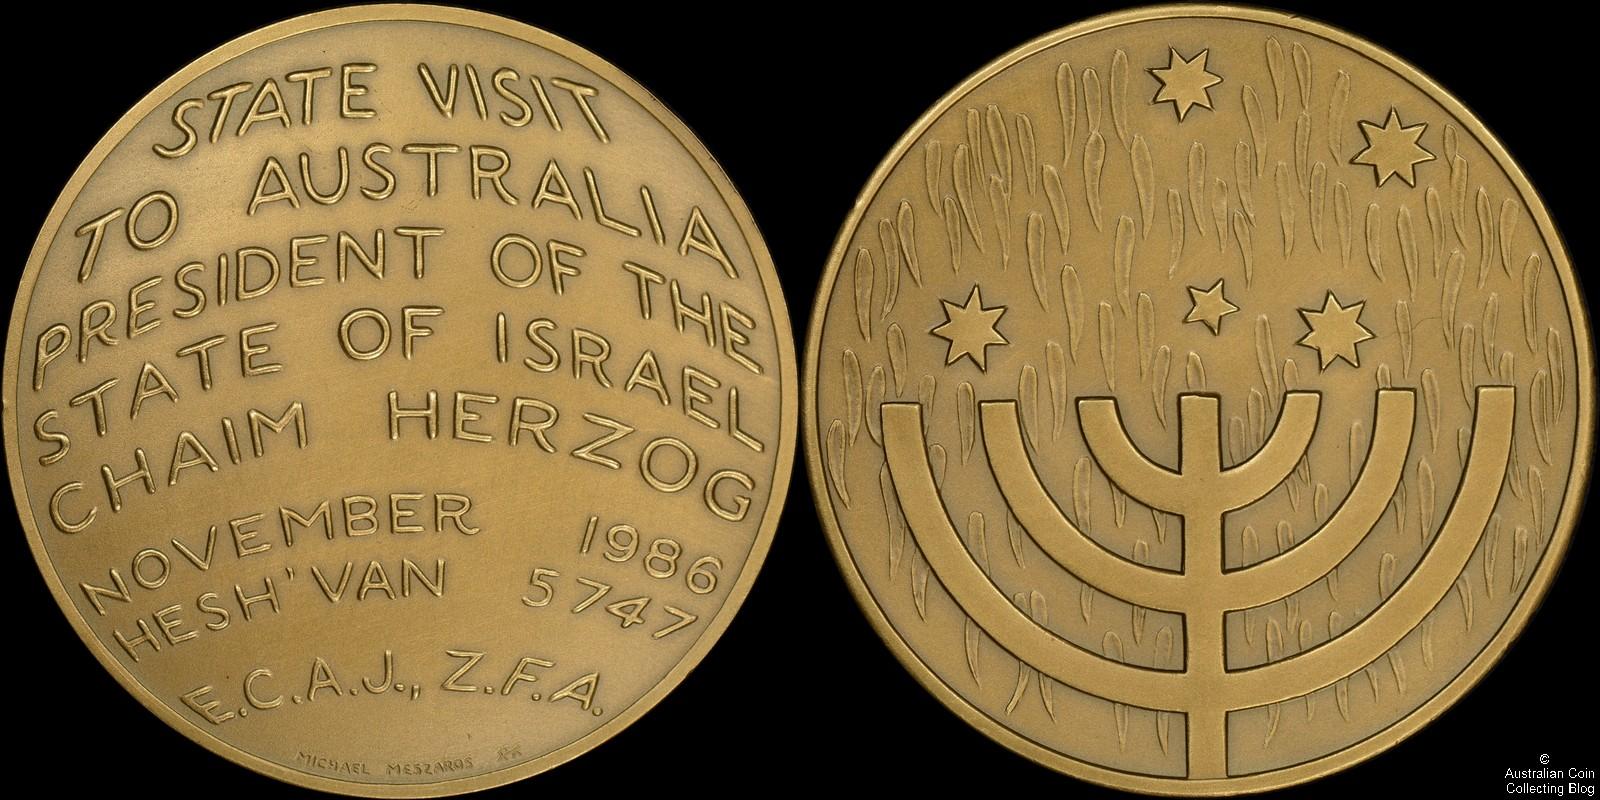 Michael Meszaros Medal 1986